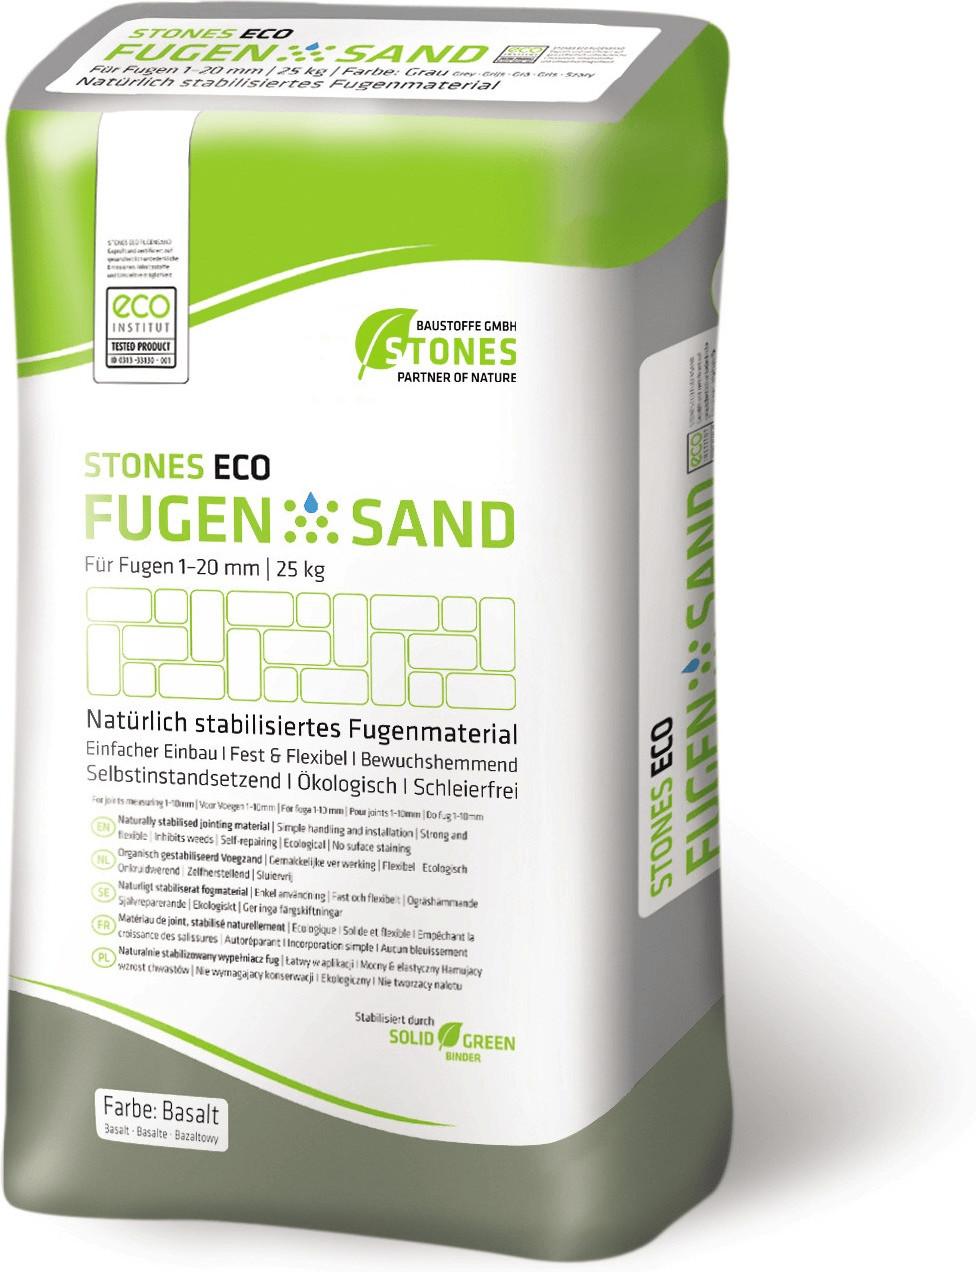 Stones Eco Fugensand 1-20mm 25kg basalt